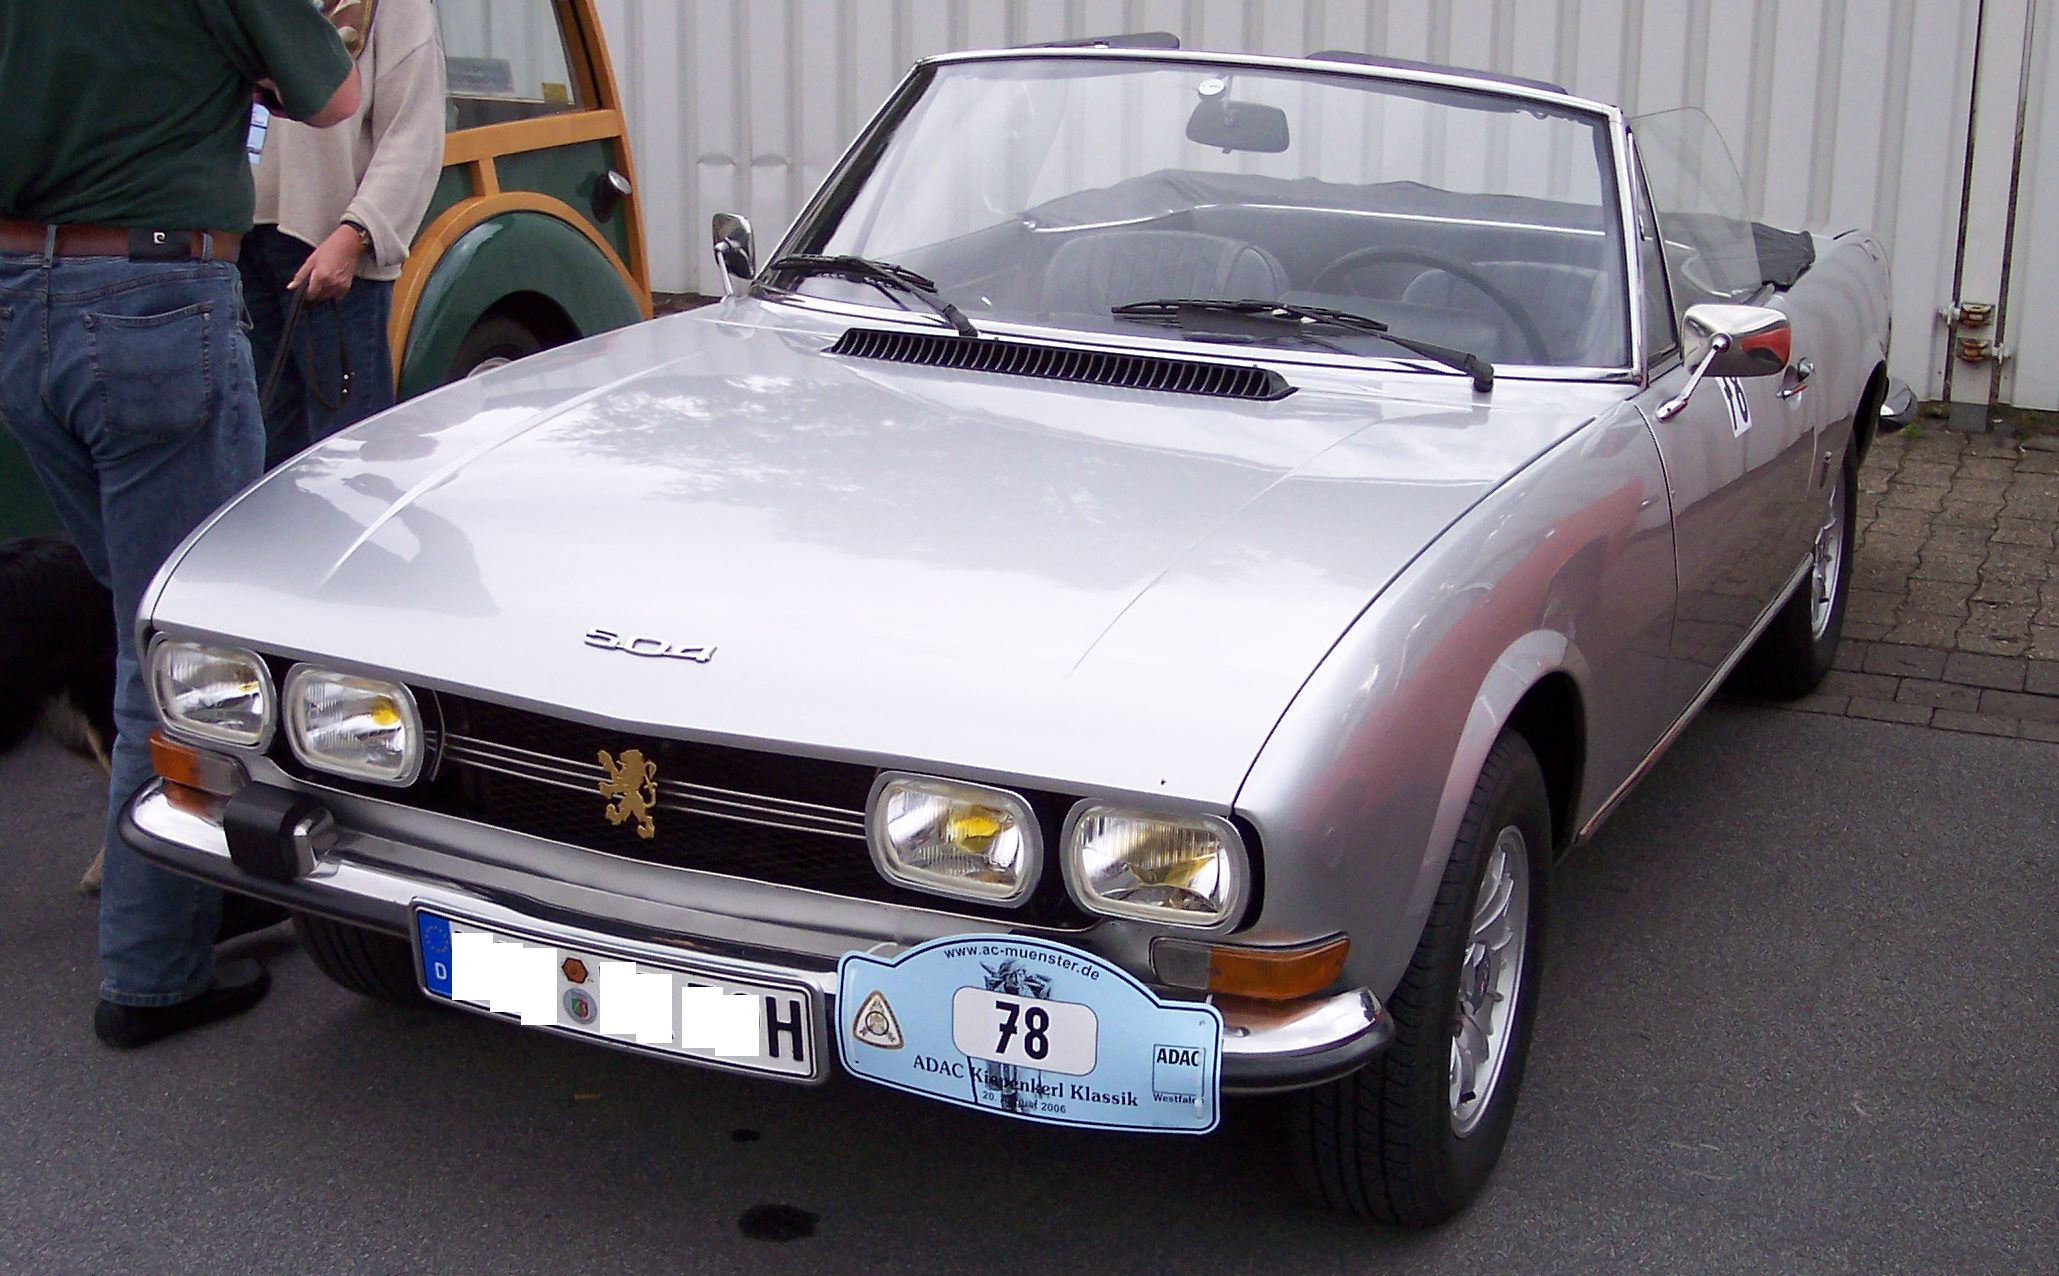 504 cabrio: